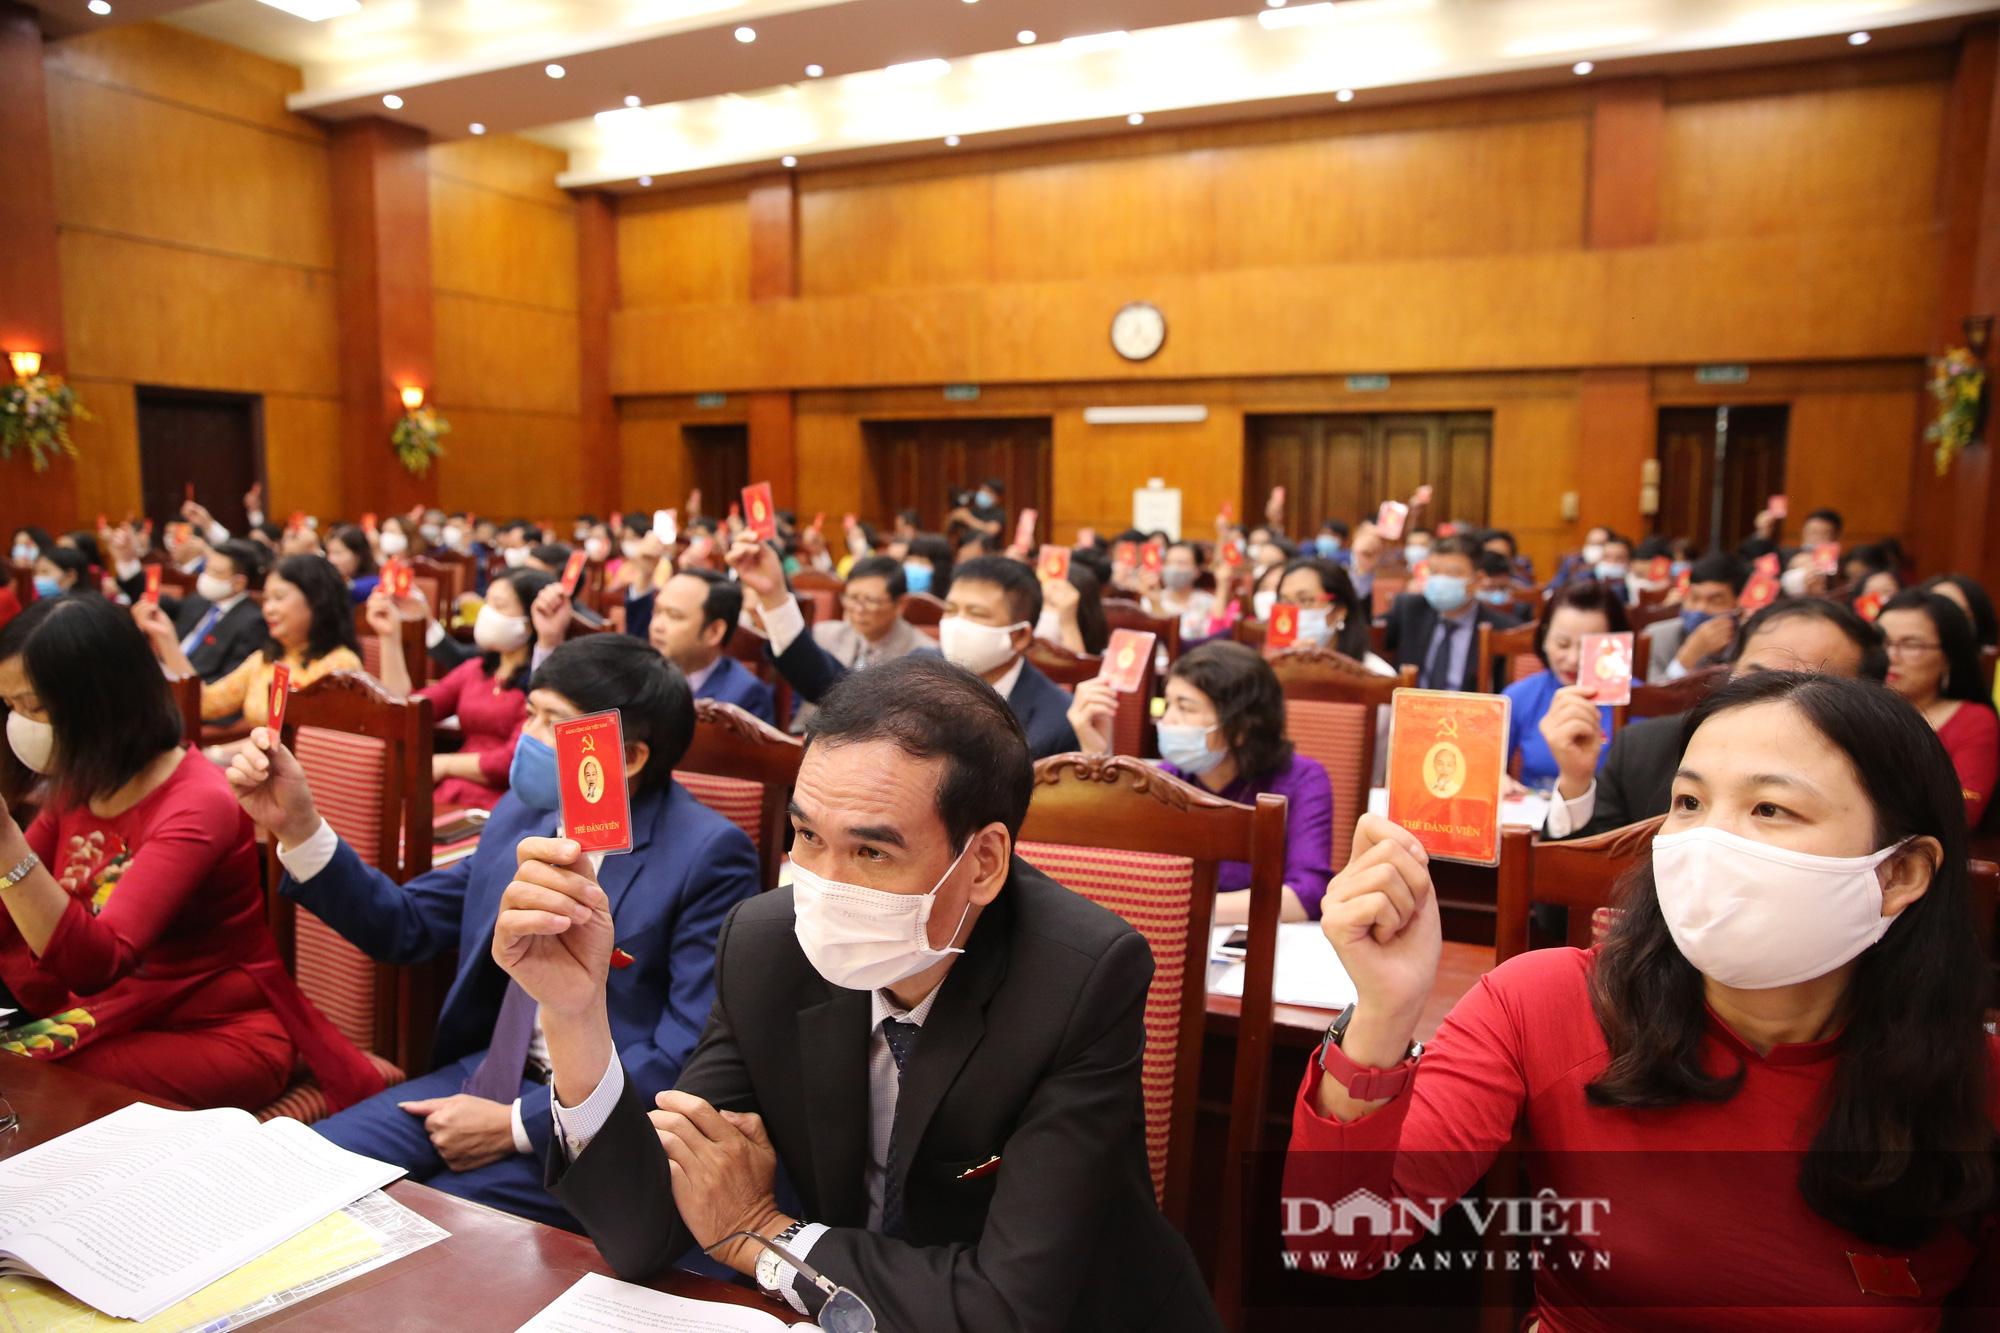 Toàn cảnh khai mạc Đại hội đại biểu Đảng bộ cơ quan T.Ư Hội Nông dân Việt Nam - Ảnh 7.